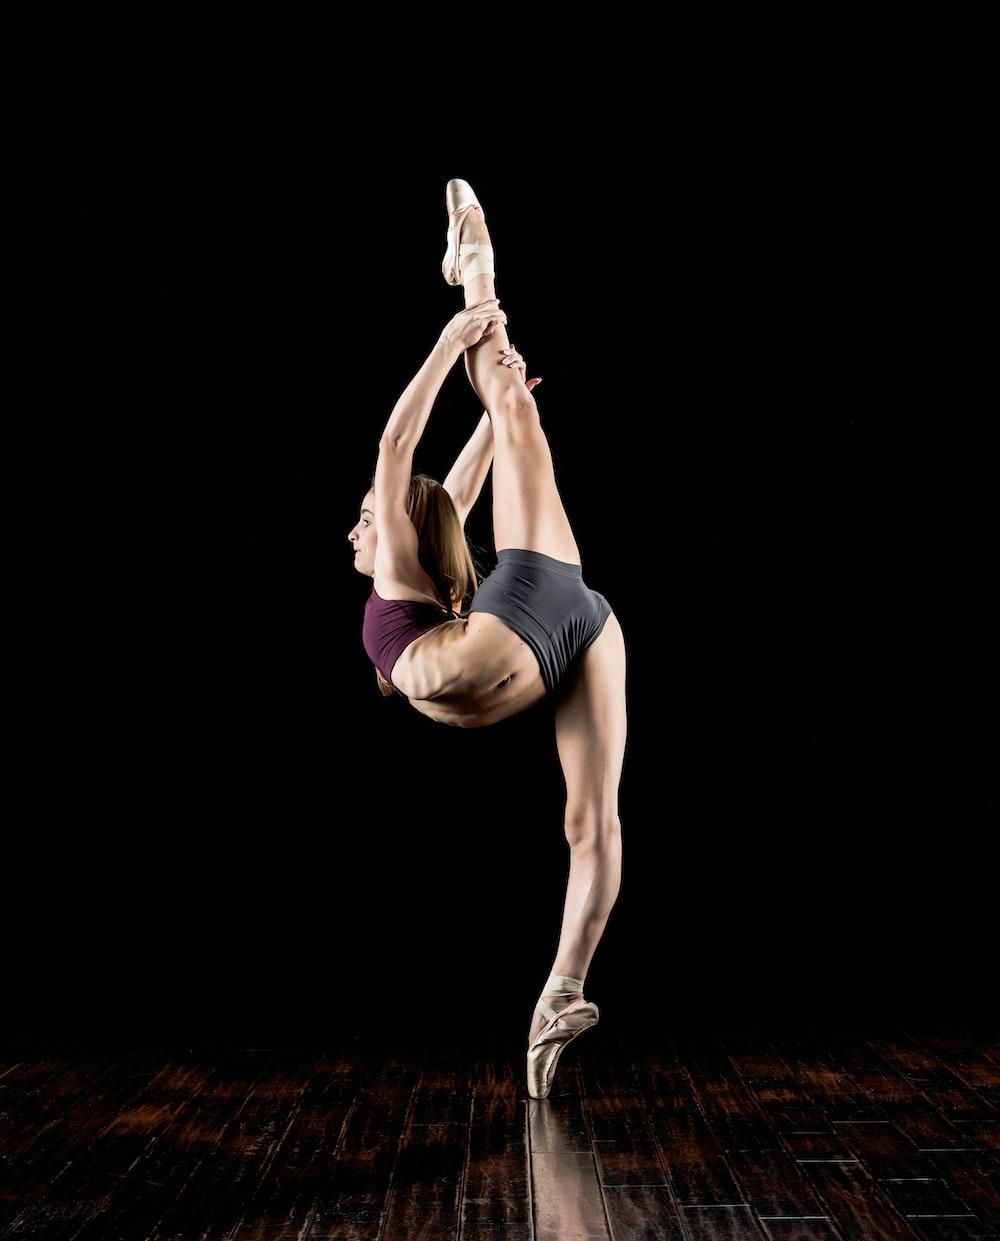 girl doing Ballerina